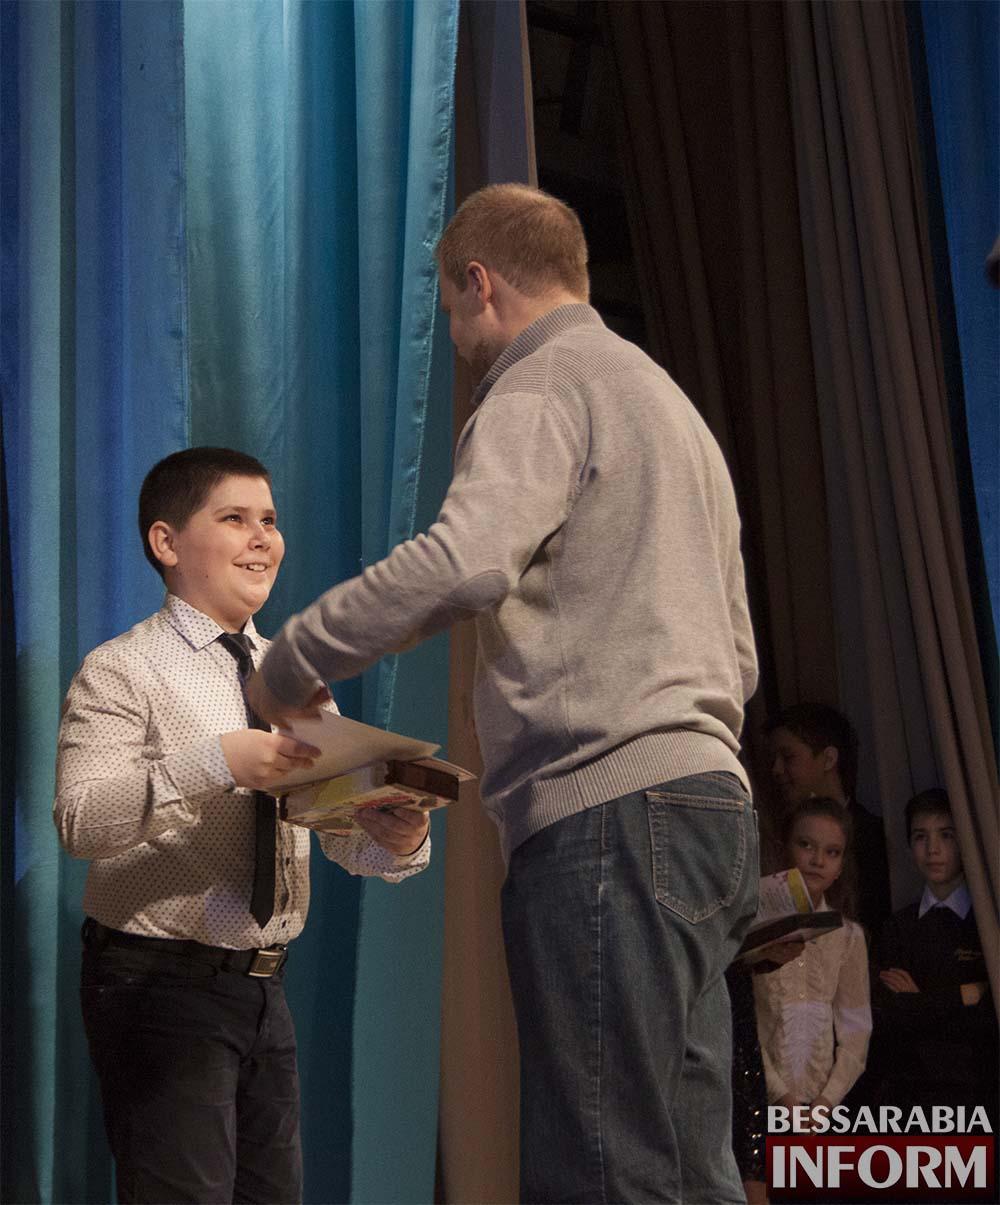 Без-имени-19 В Измаиле награждали победителей конкурса «Юные таланты Бессарабии»(фото)